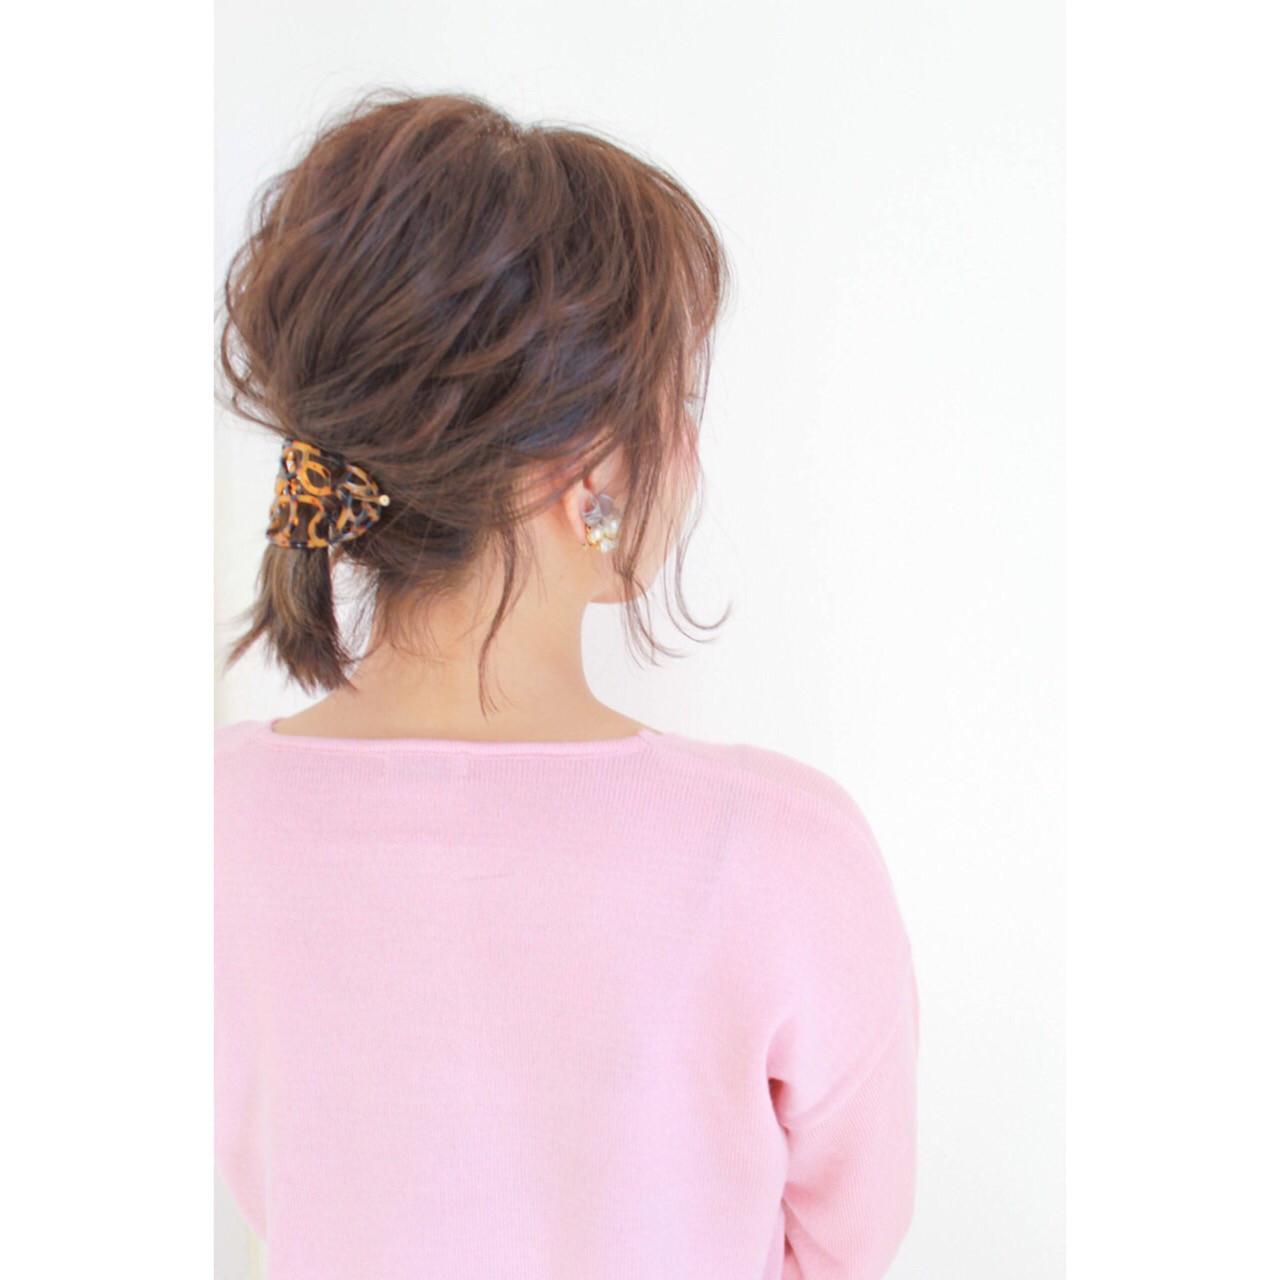 ショート ヘアアレンジ 暗髪 大人女子 ヘアスタイルや髪型の写真・画像 | hiroki / hair latelier emma